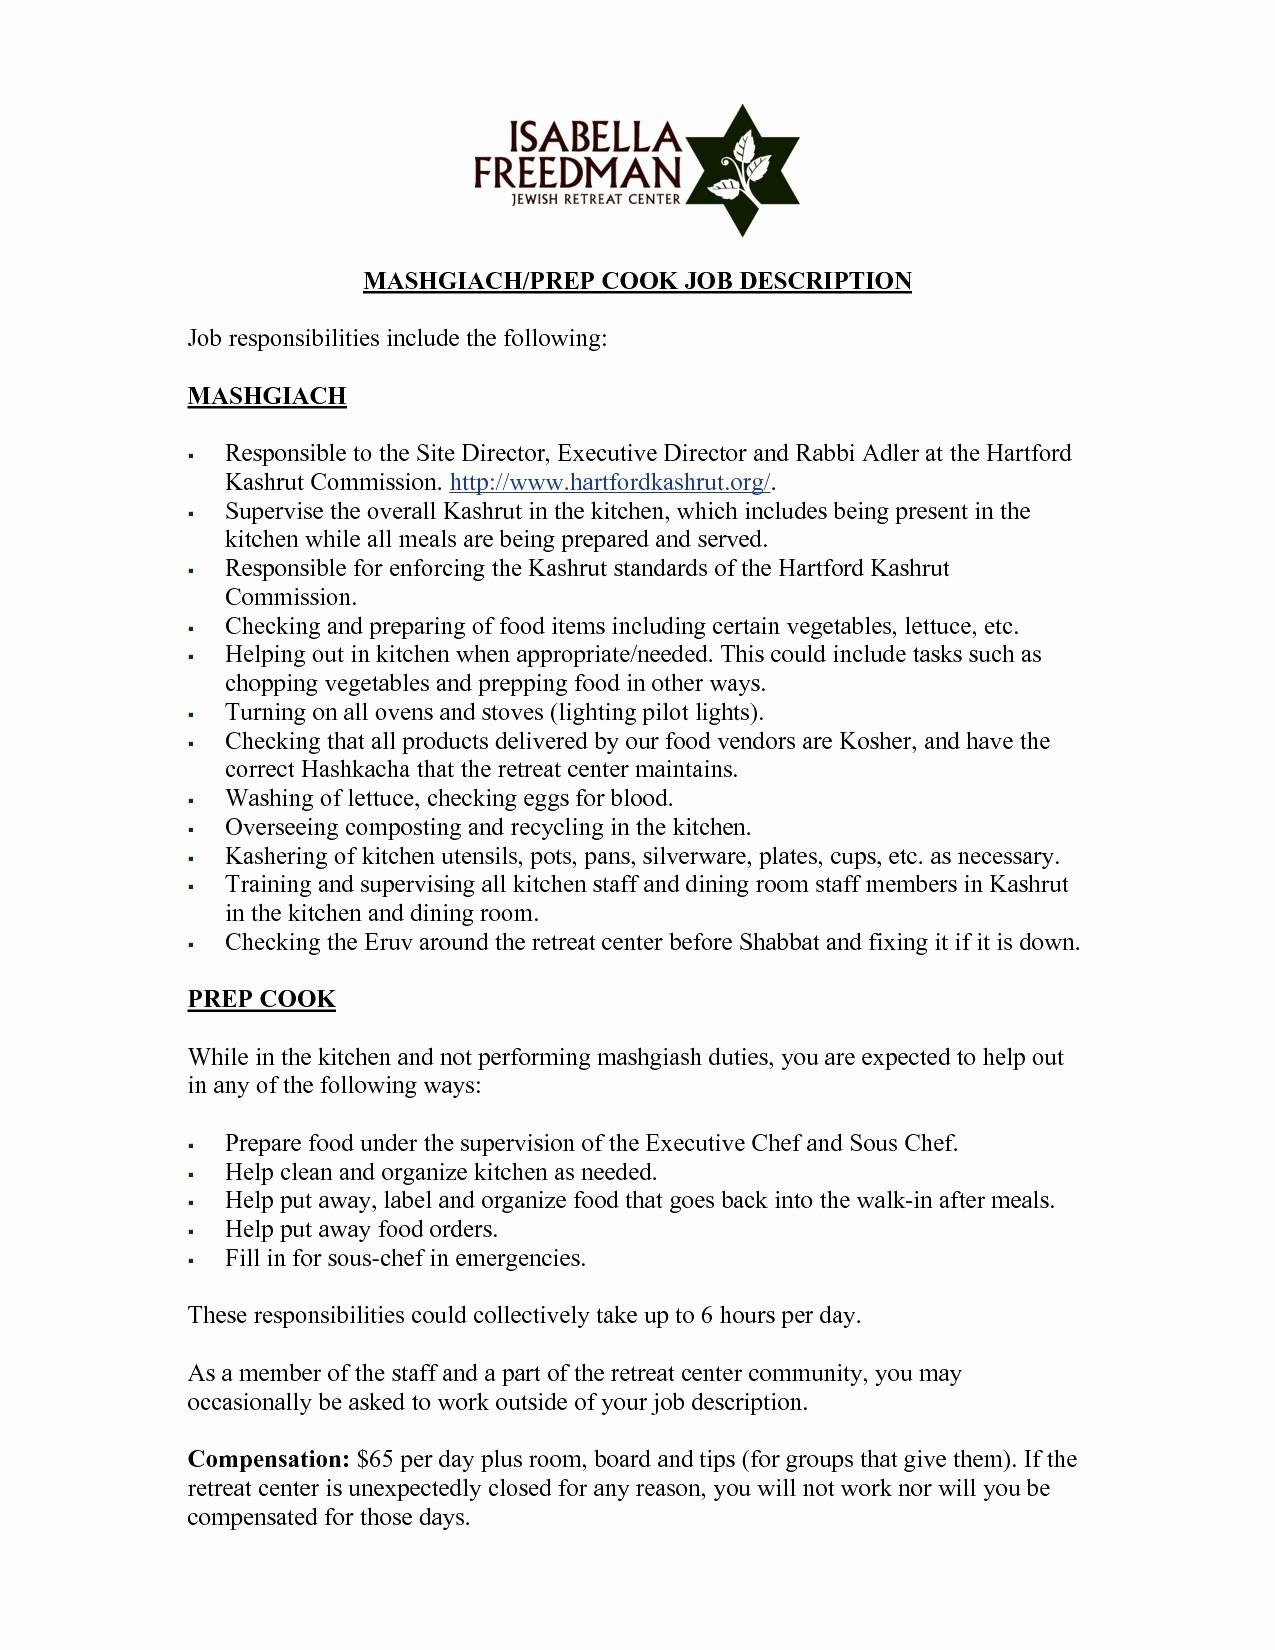 Illustrator Cover Letter Template - Sample Resume for Mid Level Position